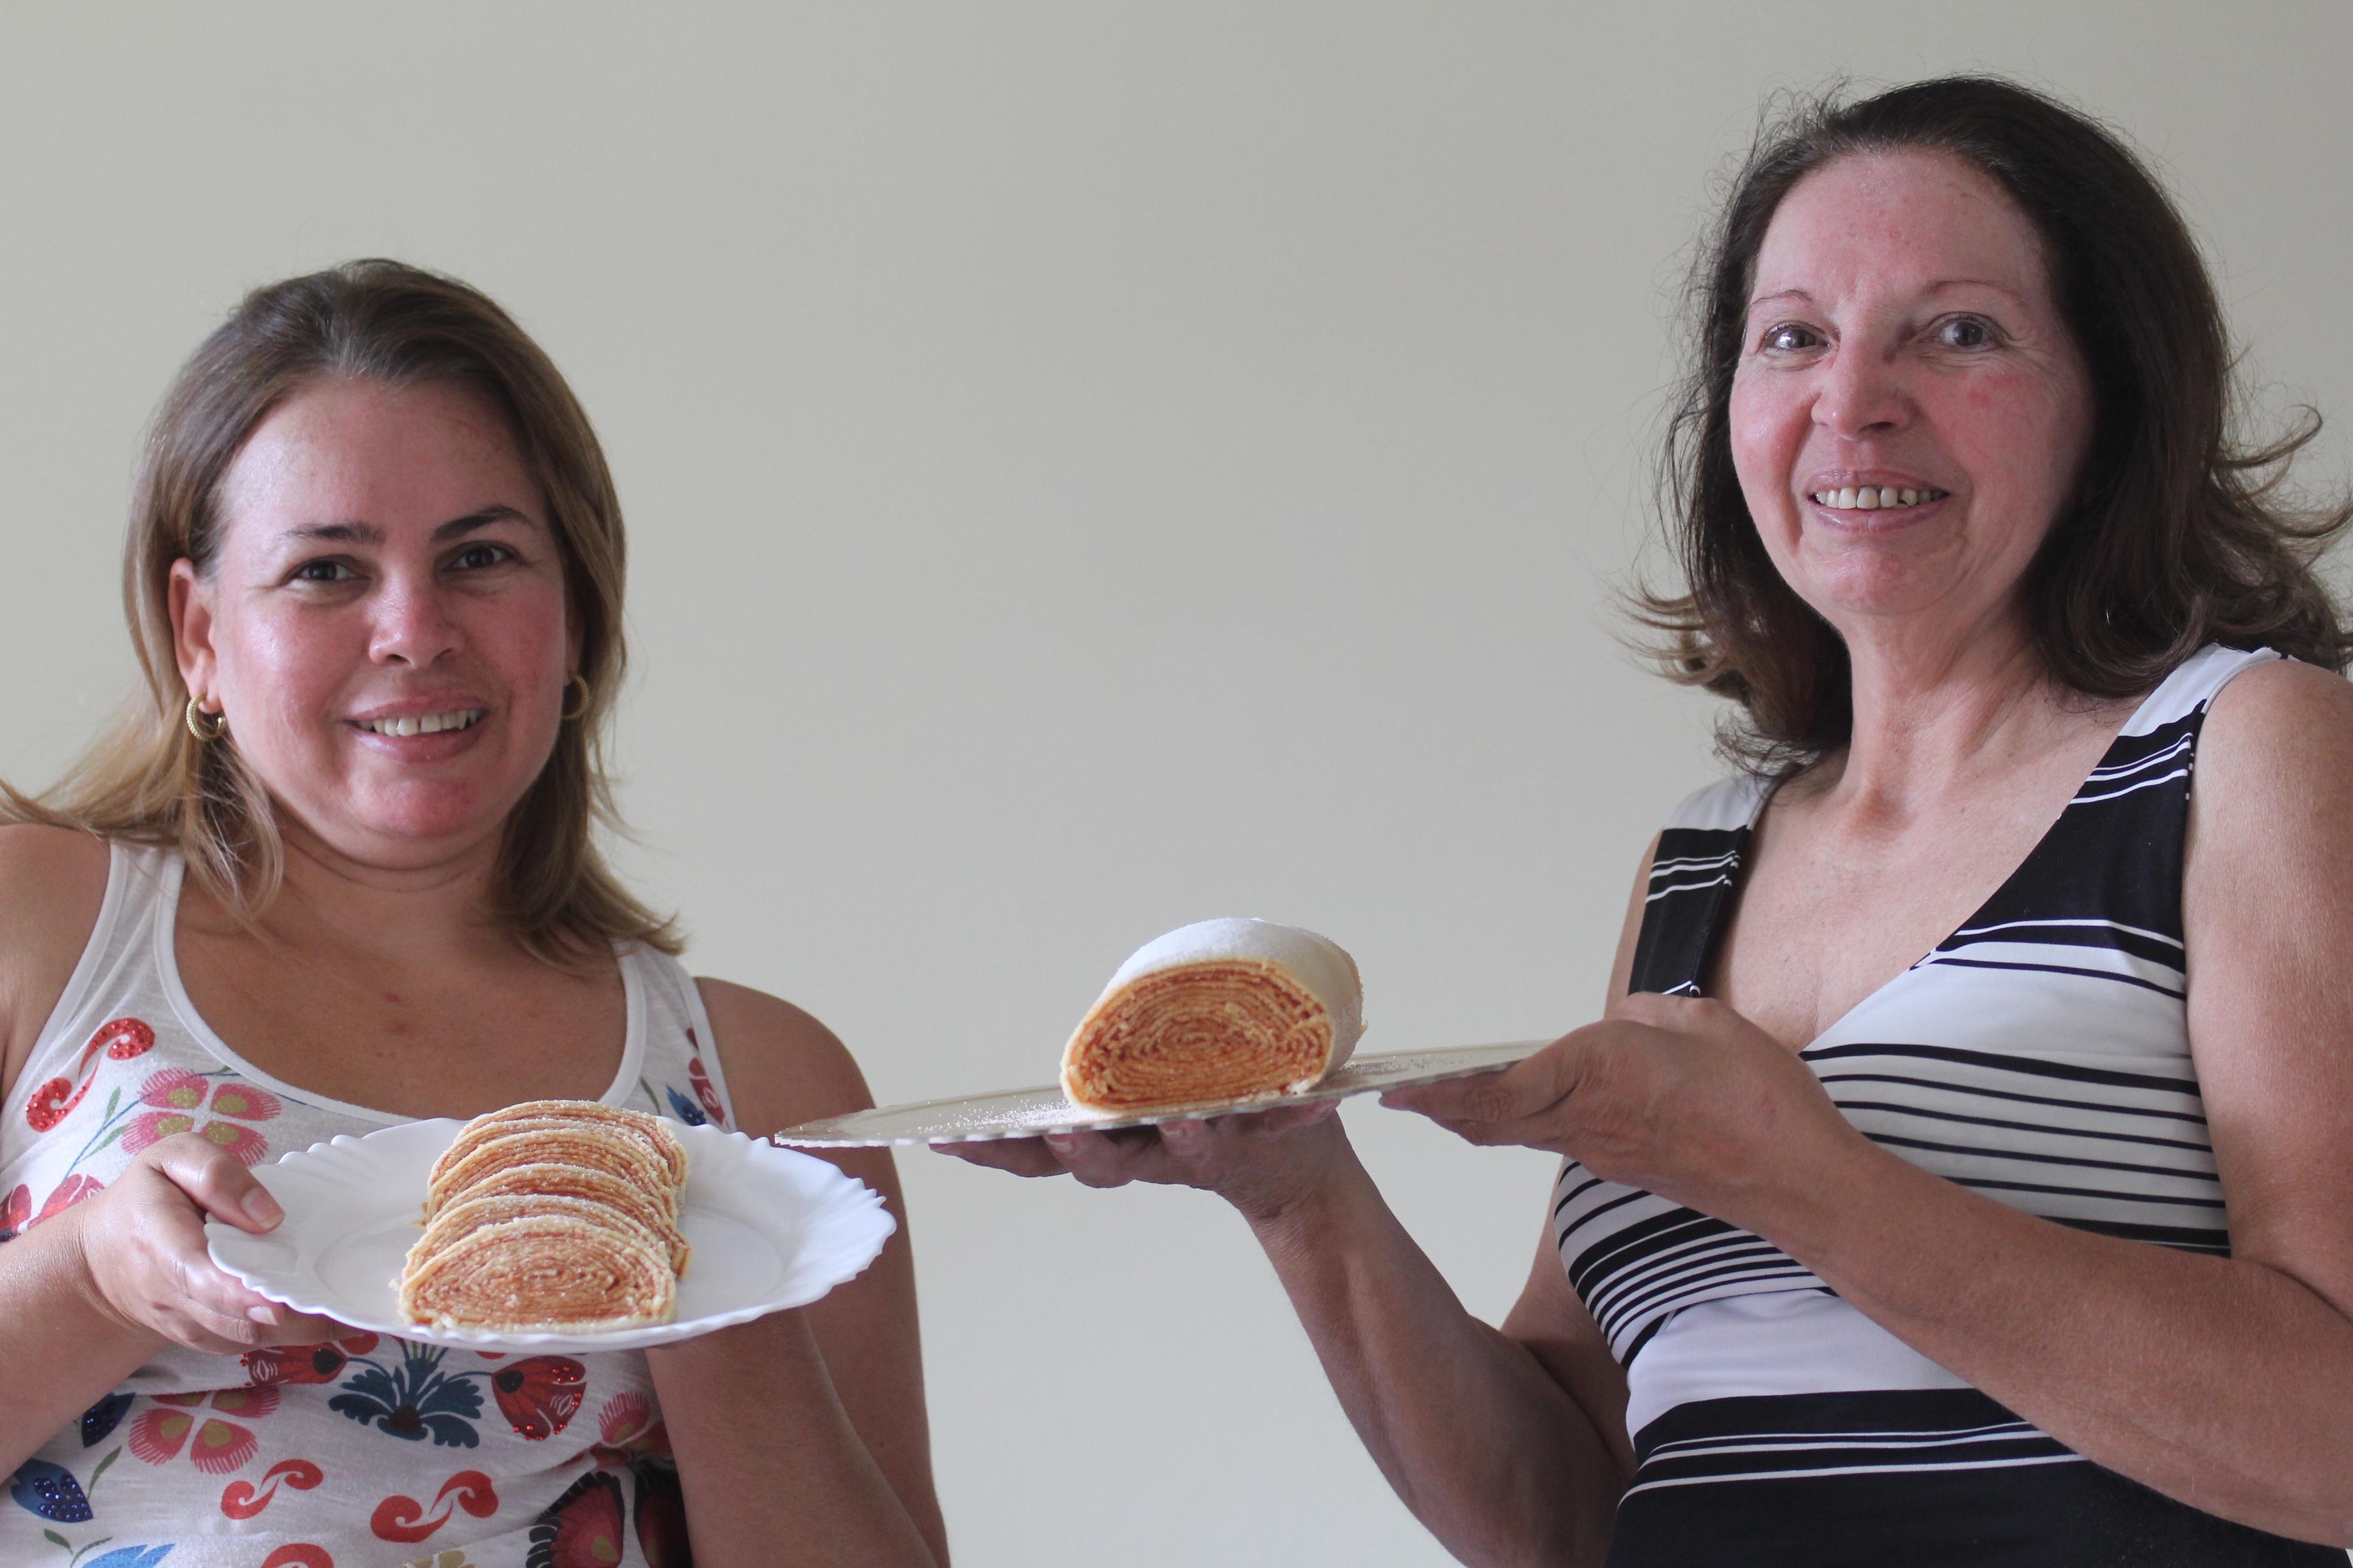 Irmãs Izabel e Lindacy aceitam encomendas do bolo que em breve será entregue no sistema food bike - Fabrício Porto/ND